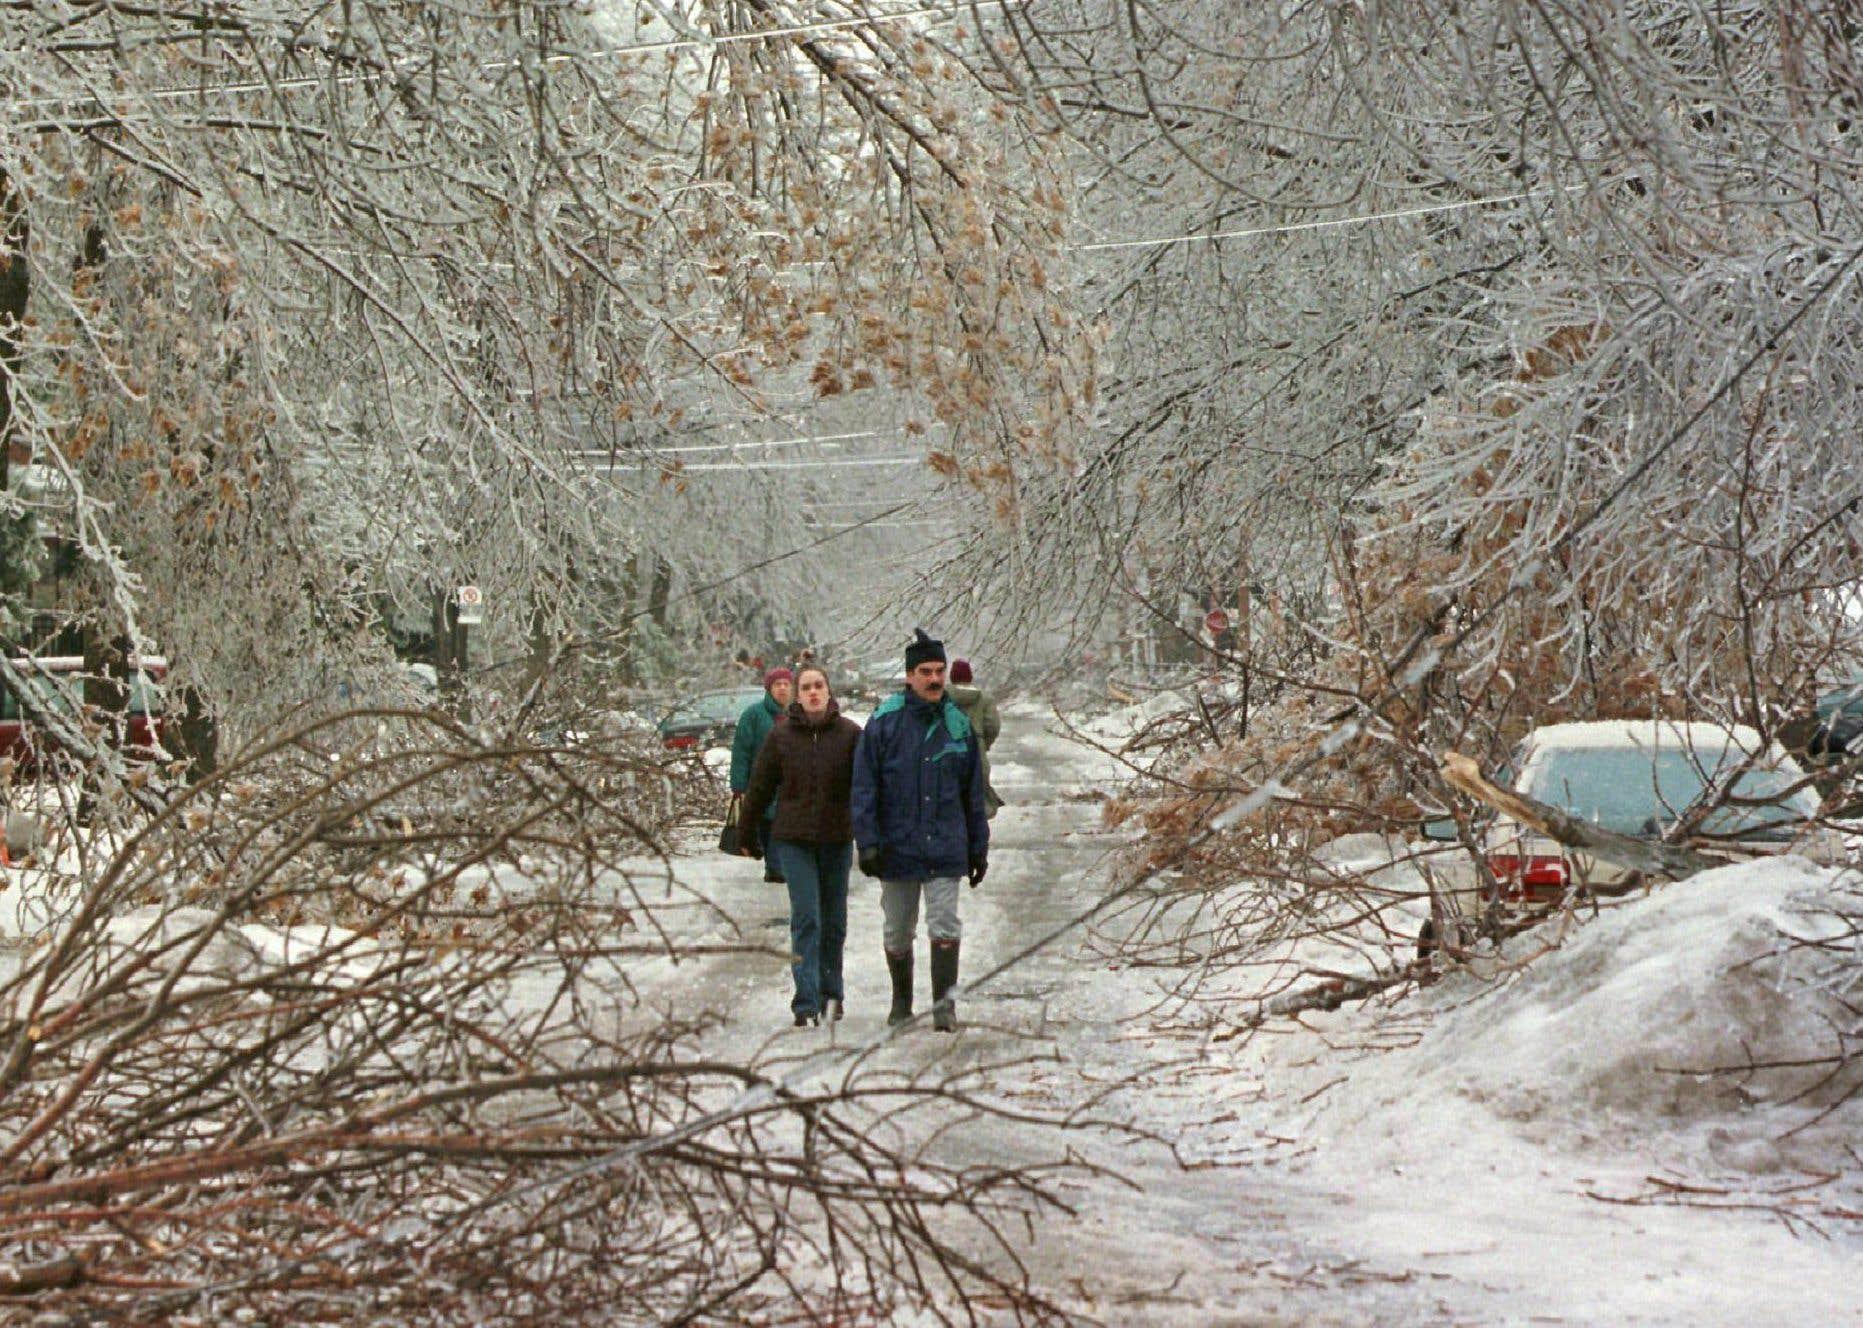 Des résidants de Montréal constatent l'ampleur des dégâts à la suite d'une des premières journées de précipitations de pluie verglaçante.